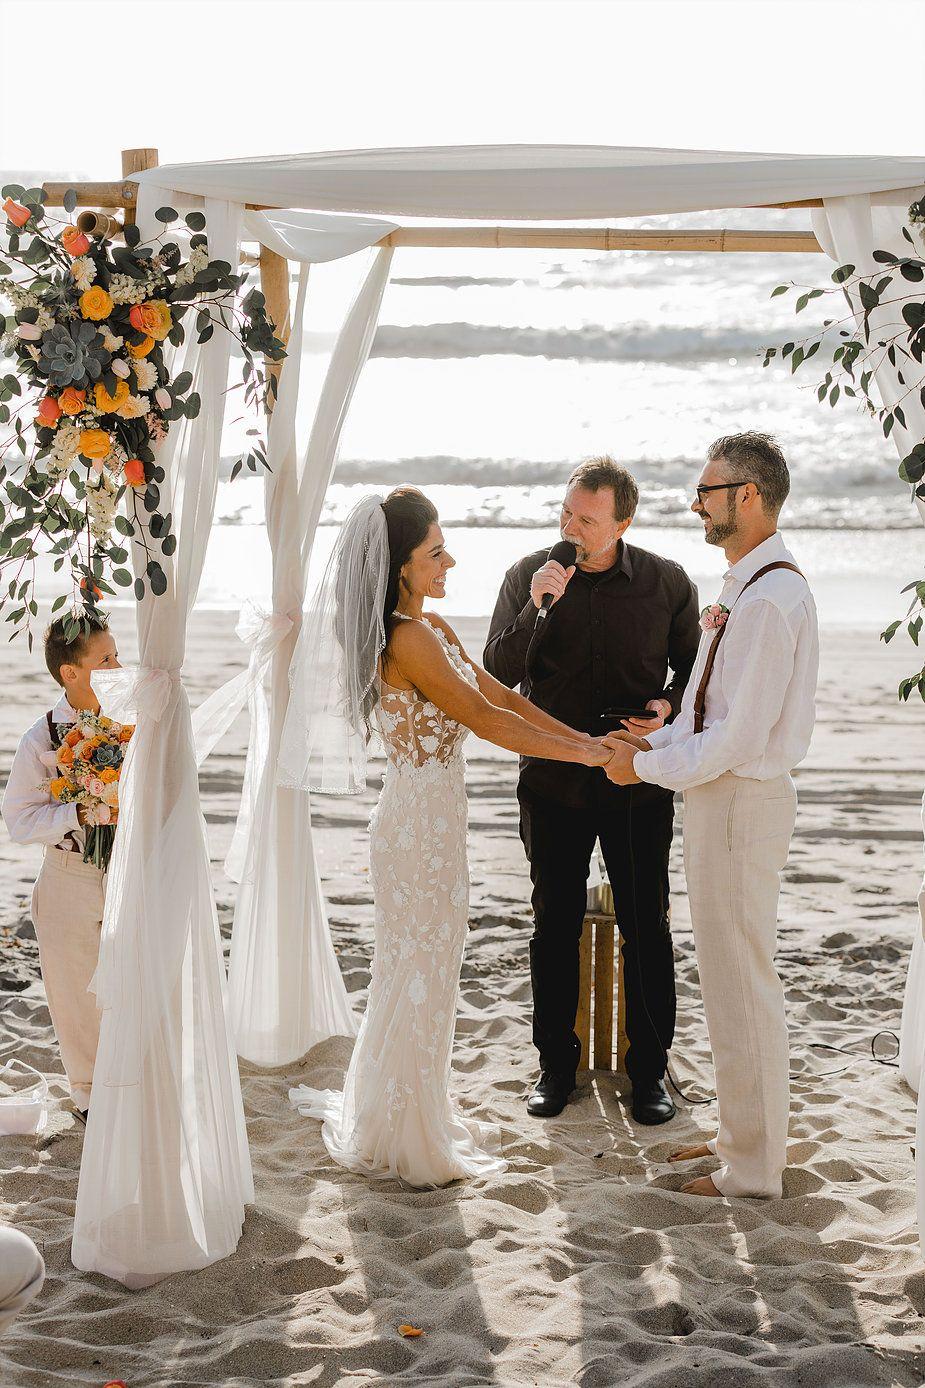 Den ganzen Artikel findet ihr auf thetruebride.com! Beach wedding ...